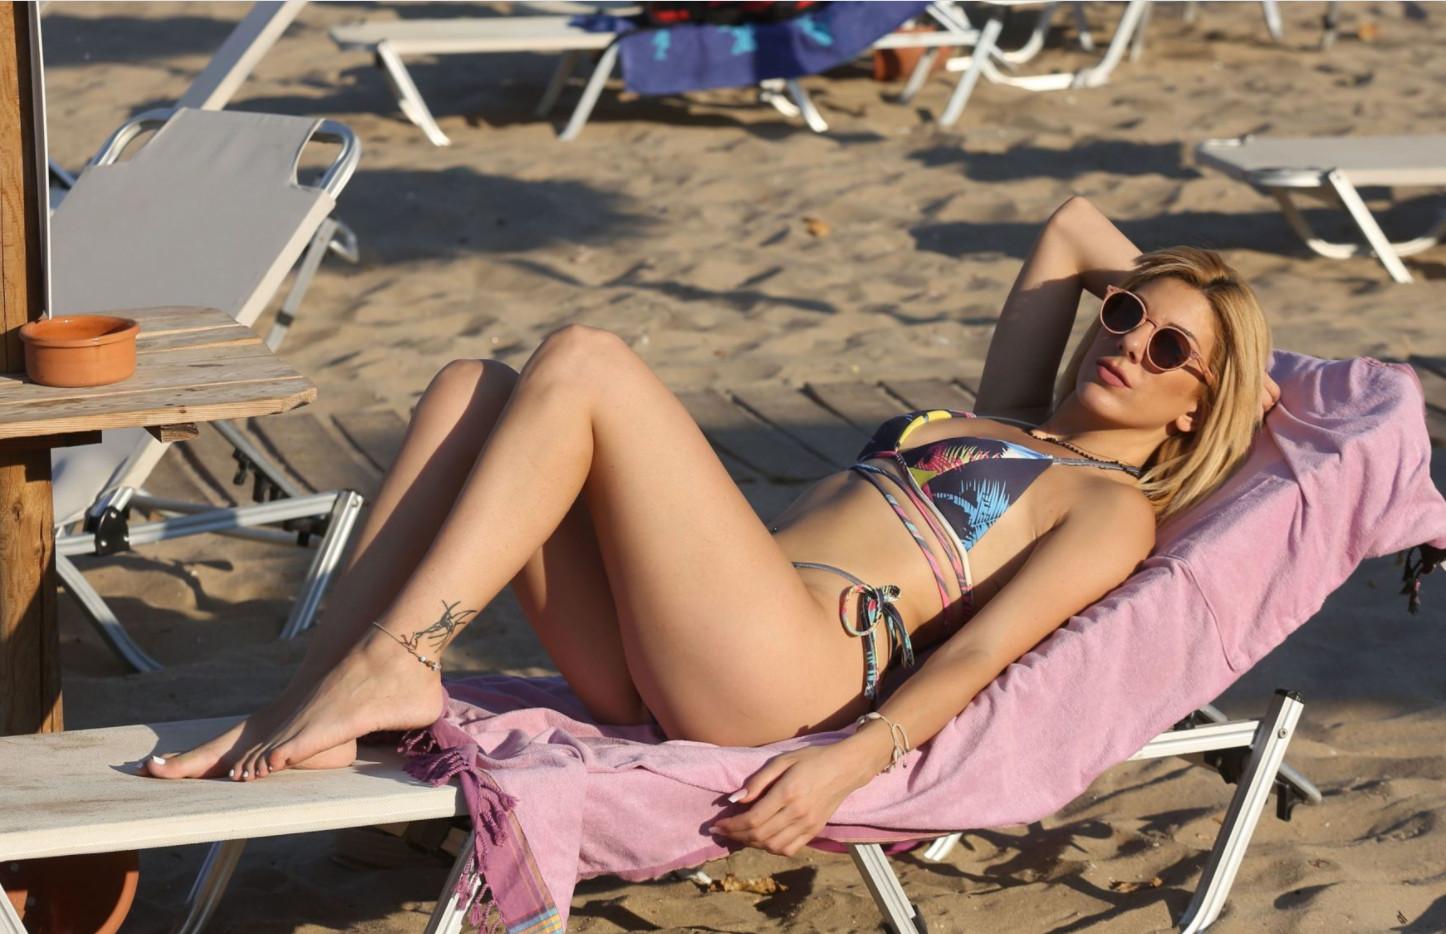 Έλενα Πολυχρονοπούλου: Φίλη της αποκαλύπτει - «Μου είχε παρουσιάσει έναν άνθρωπο με τον οποίον αντιμετώπιζαν πολλά θέματα σαν ζευγάρι»